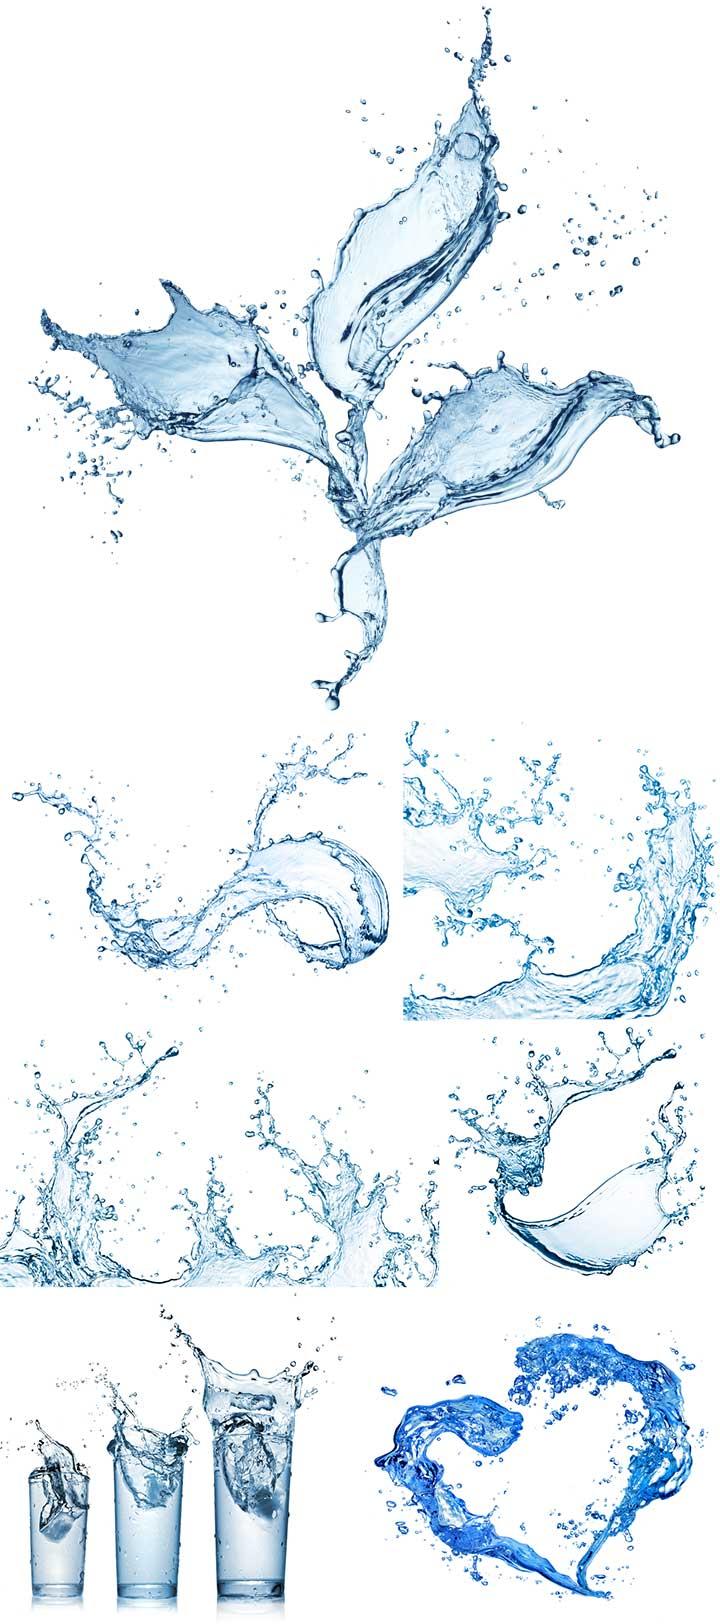 капли и всплески воды